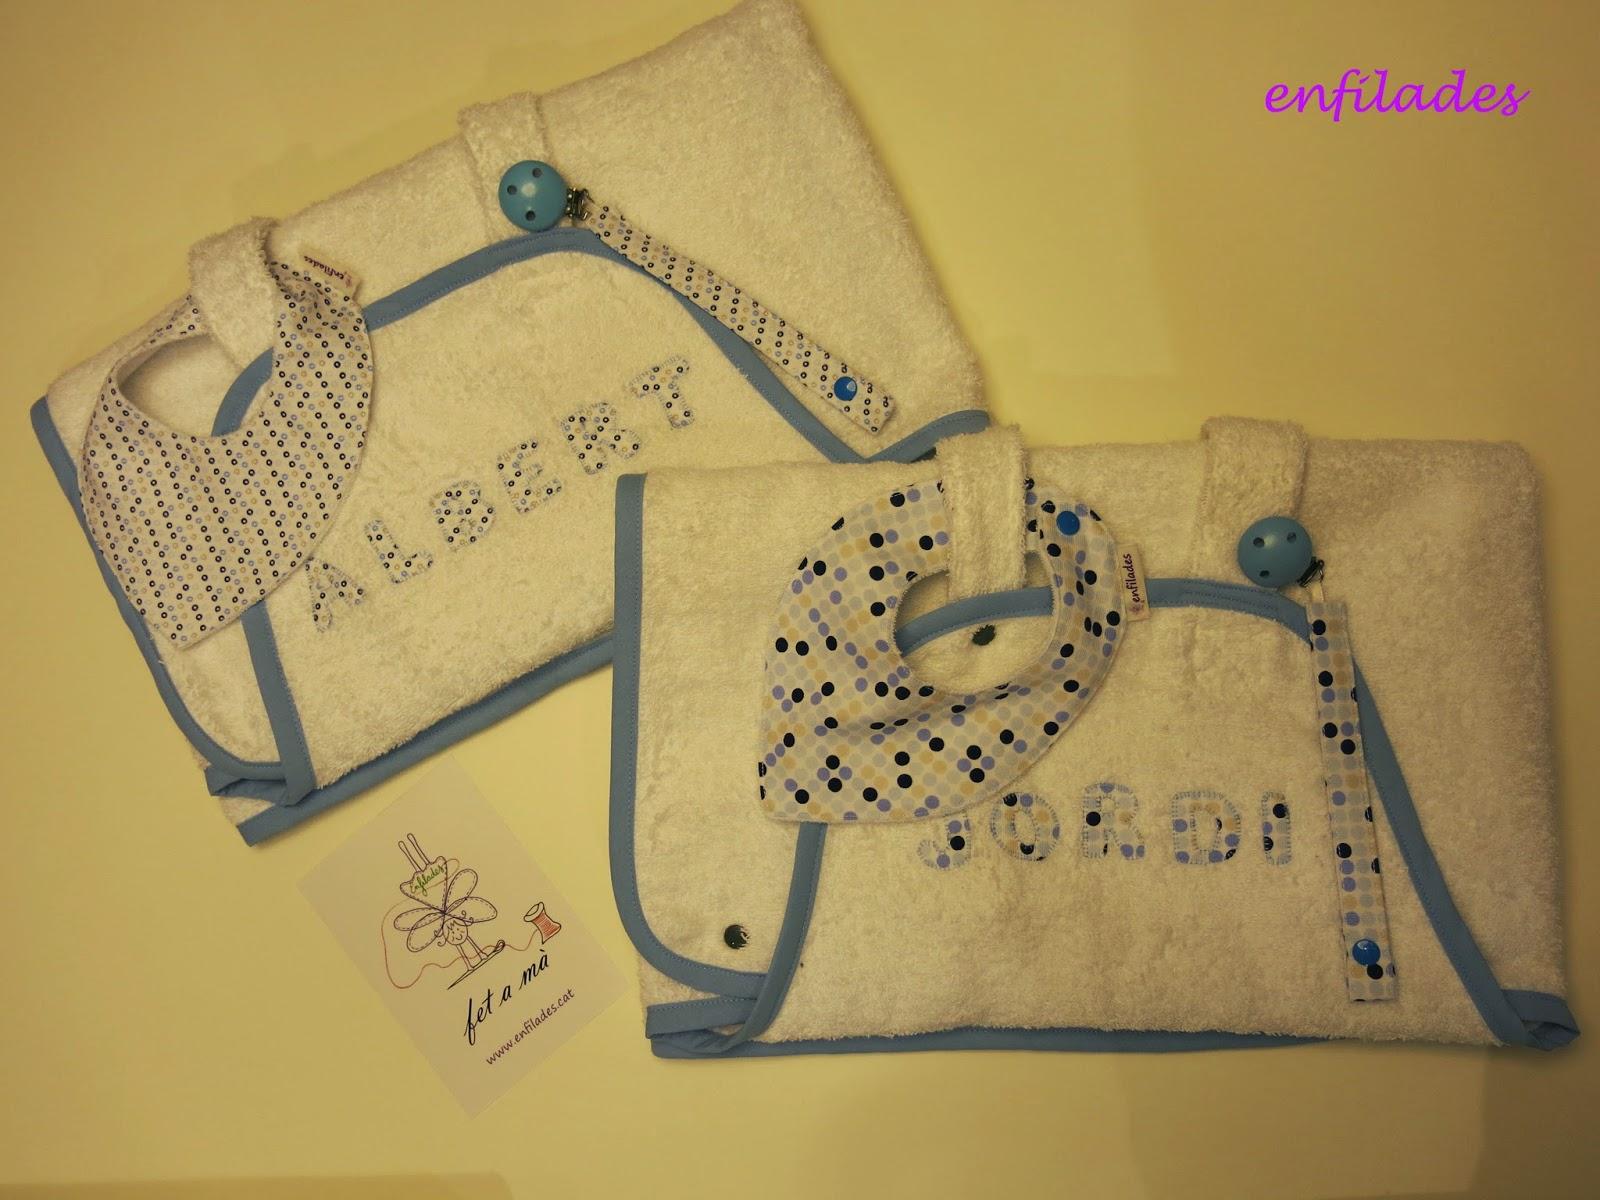 tovallola davantal personalitzada bessons-Enfilades.cat